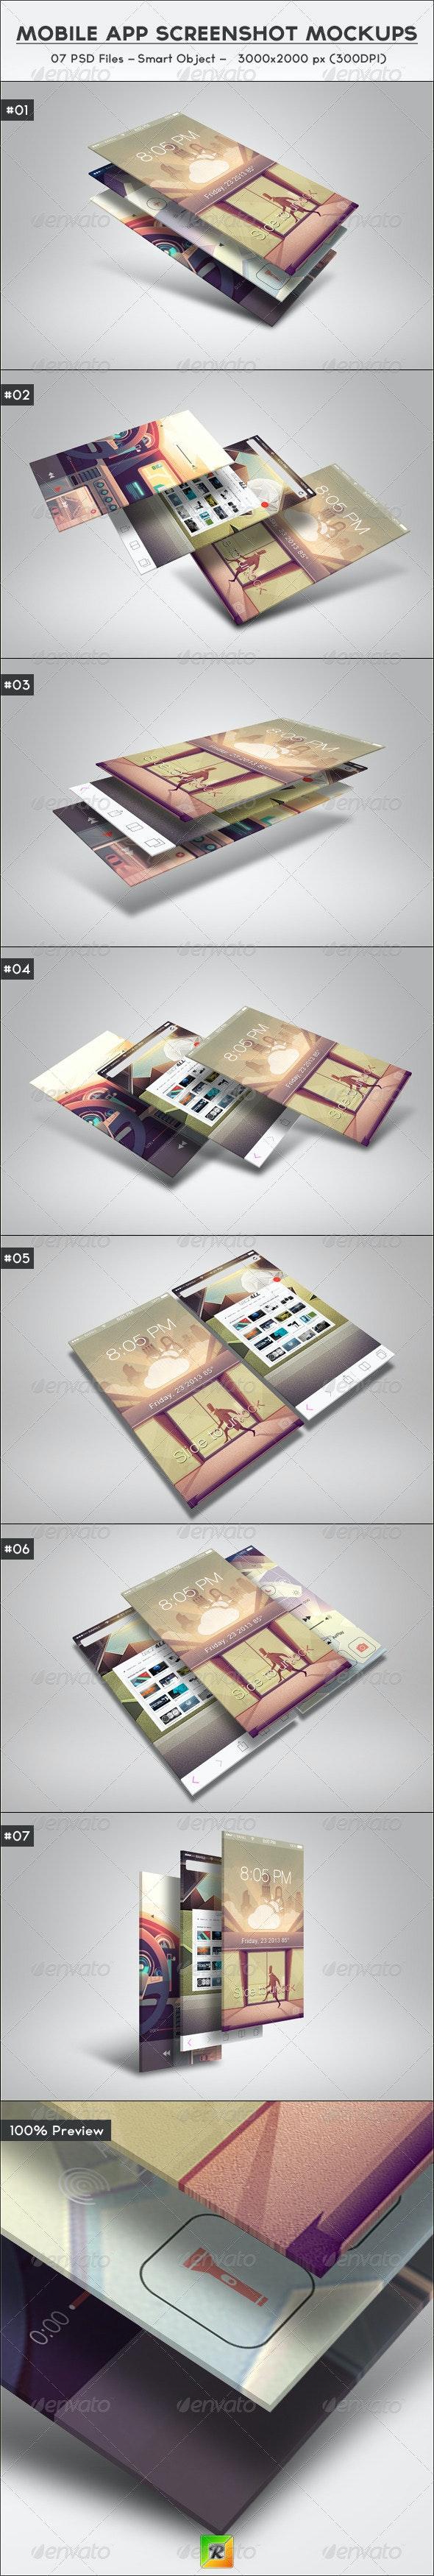 Mobile App Screenshot Mockups - Mobile Displays